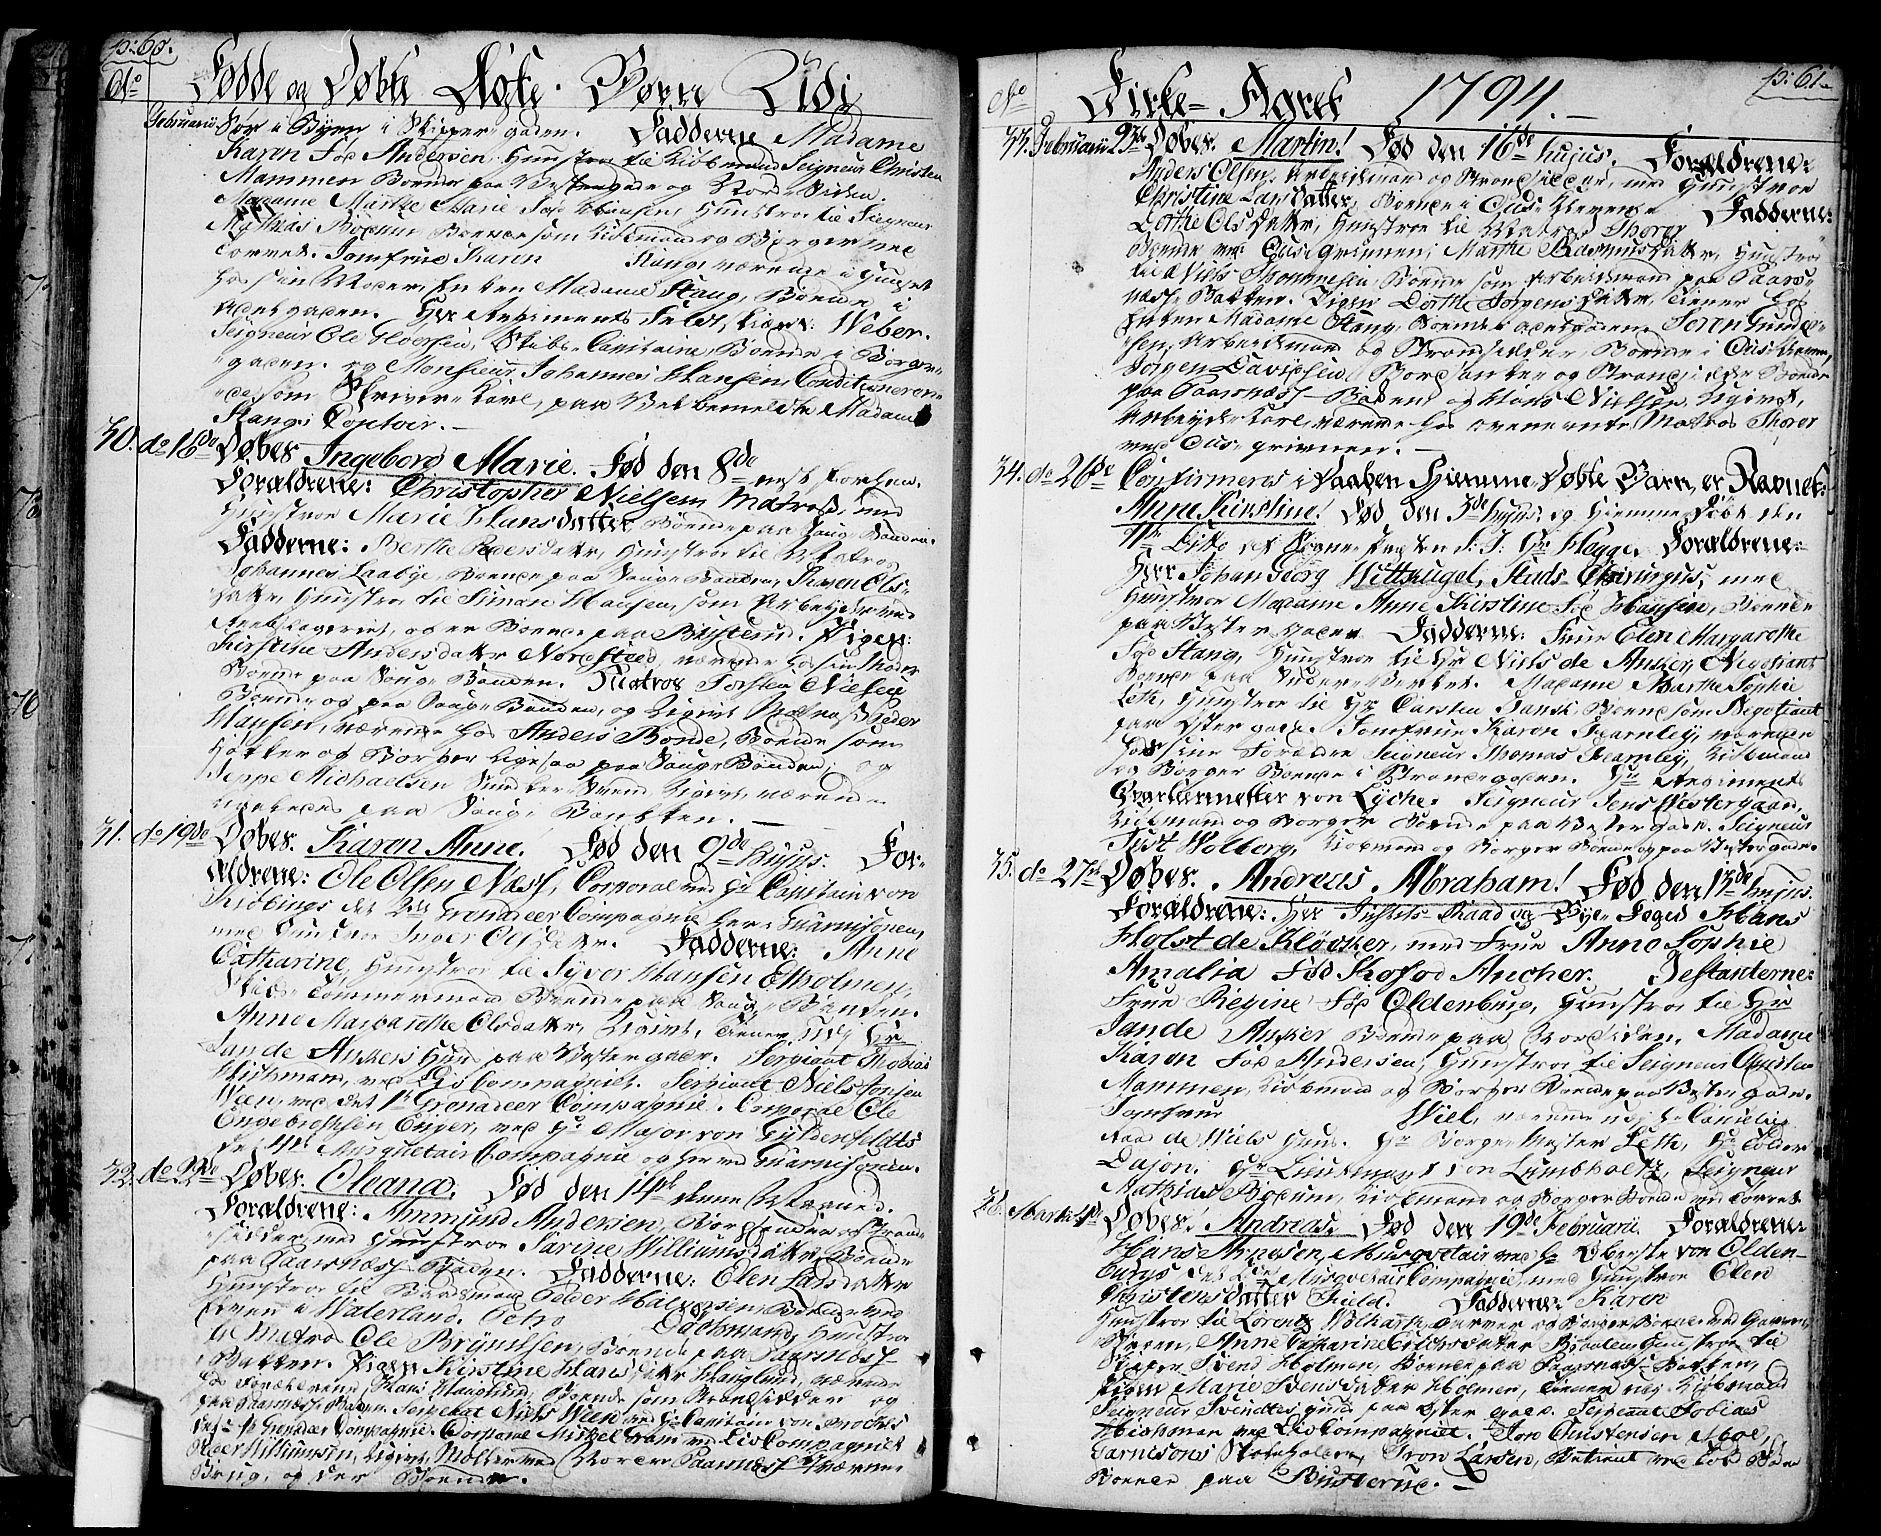 SAO, Halden prestekontor Kirkebøker, F/Fa/L0002: Ministerialbok nr. I 2, 1792-1812, s. 60-61